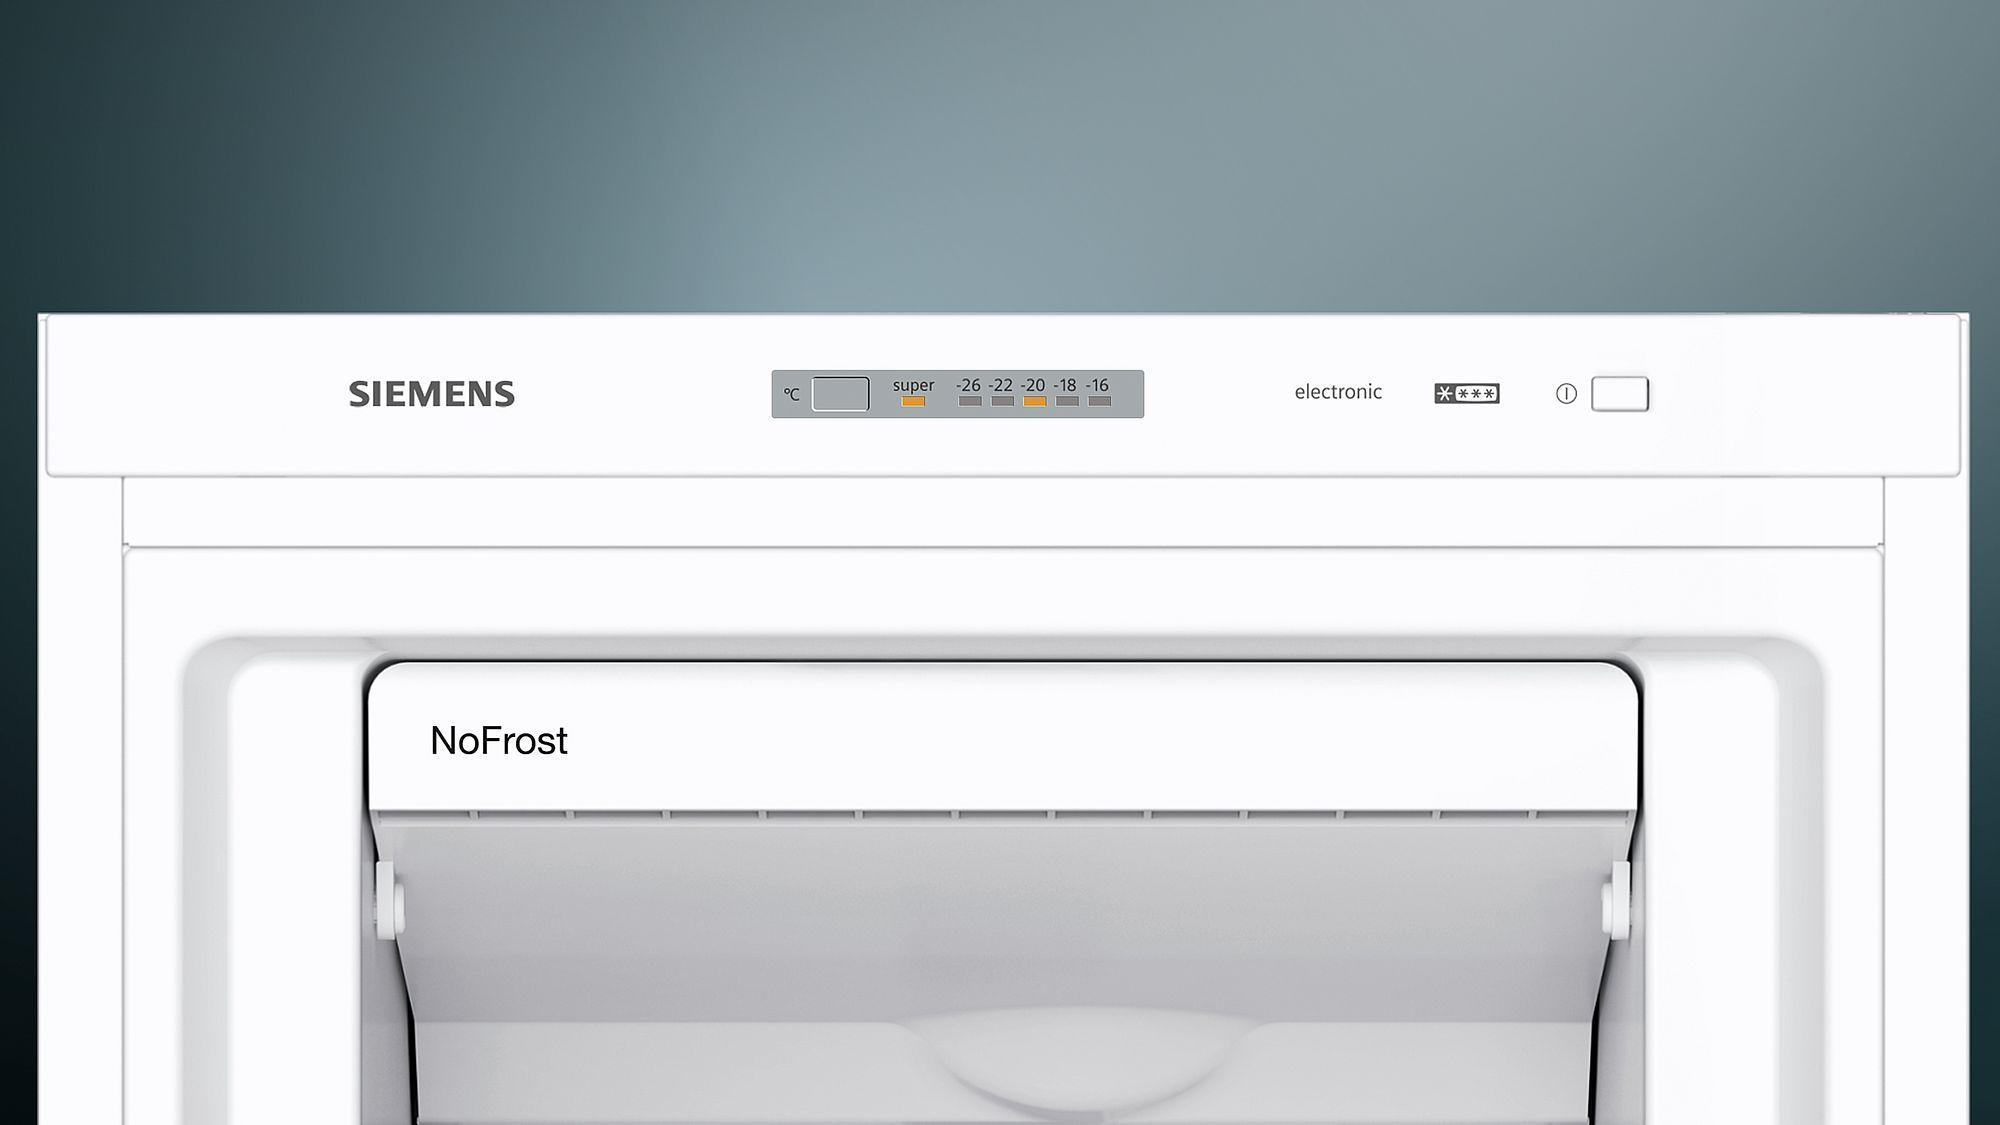 Siemens Kühlschrank Rollen : Siemens gs nvw p a stand gefrierschrank cm breit nofrost